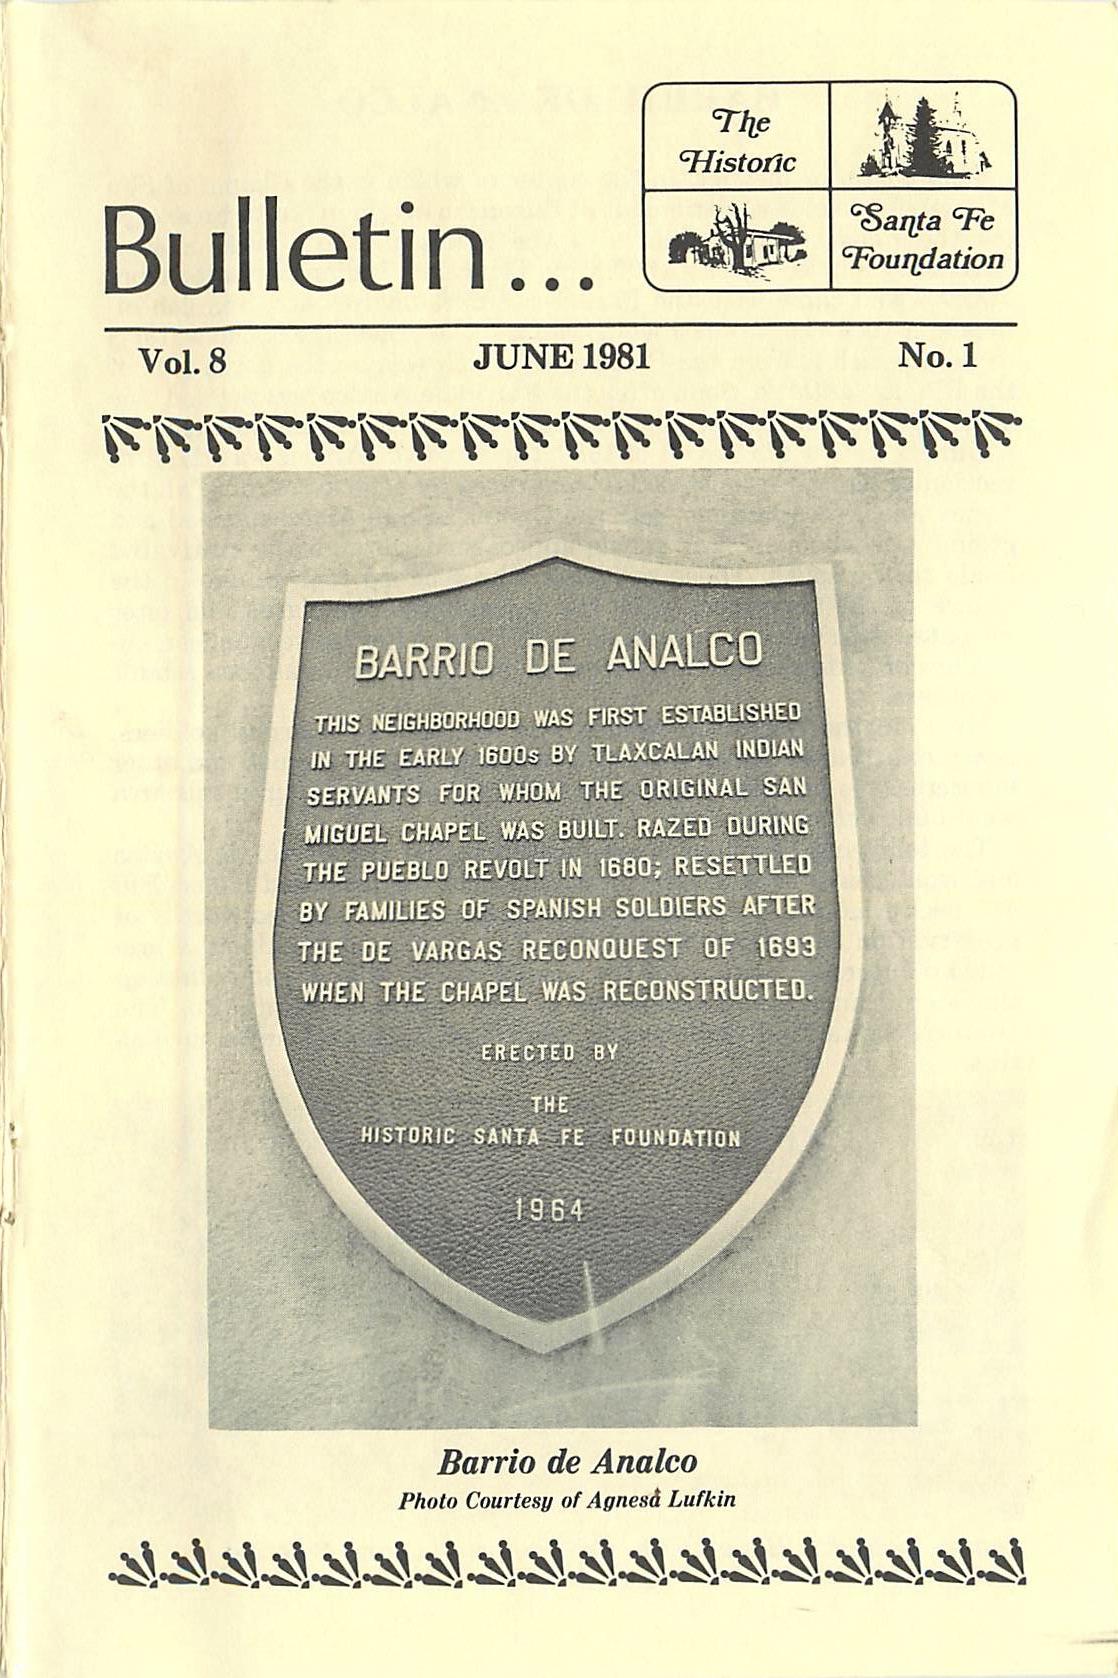 1981 HSFF Bulletin Vol.8 No.1 Cover